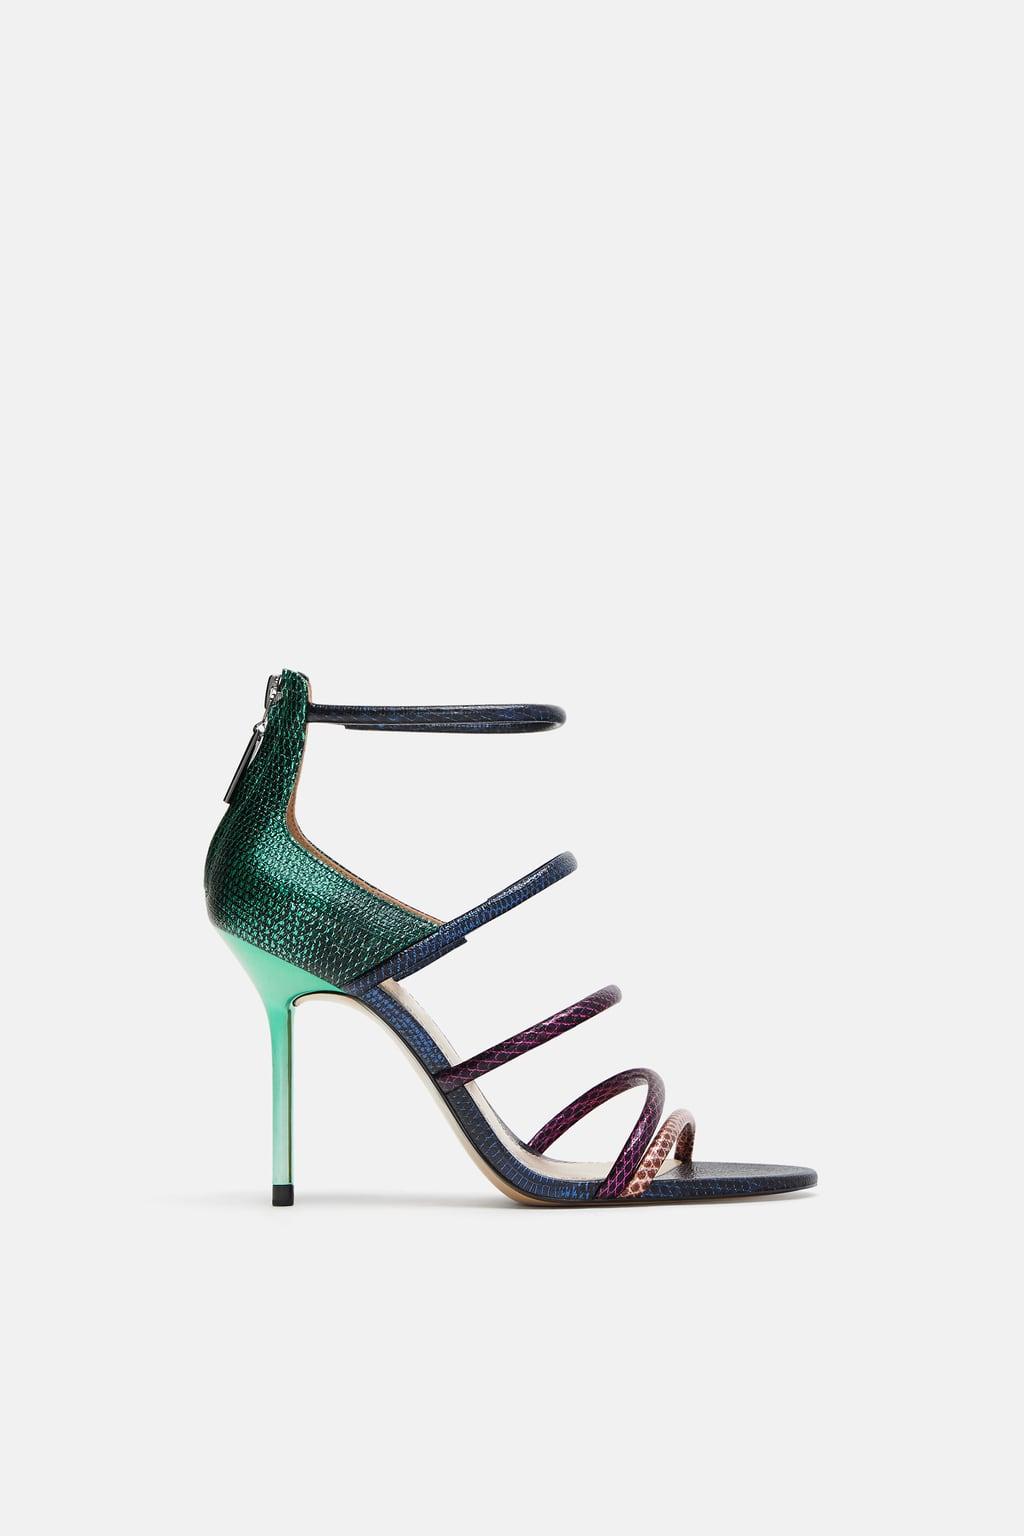 Sandals - £29.99